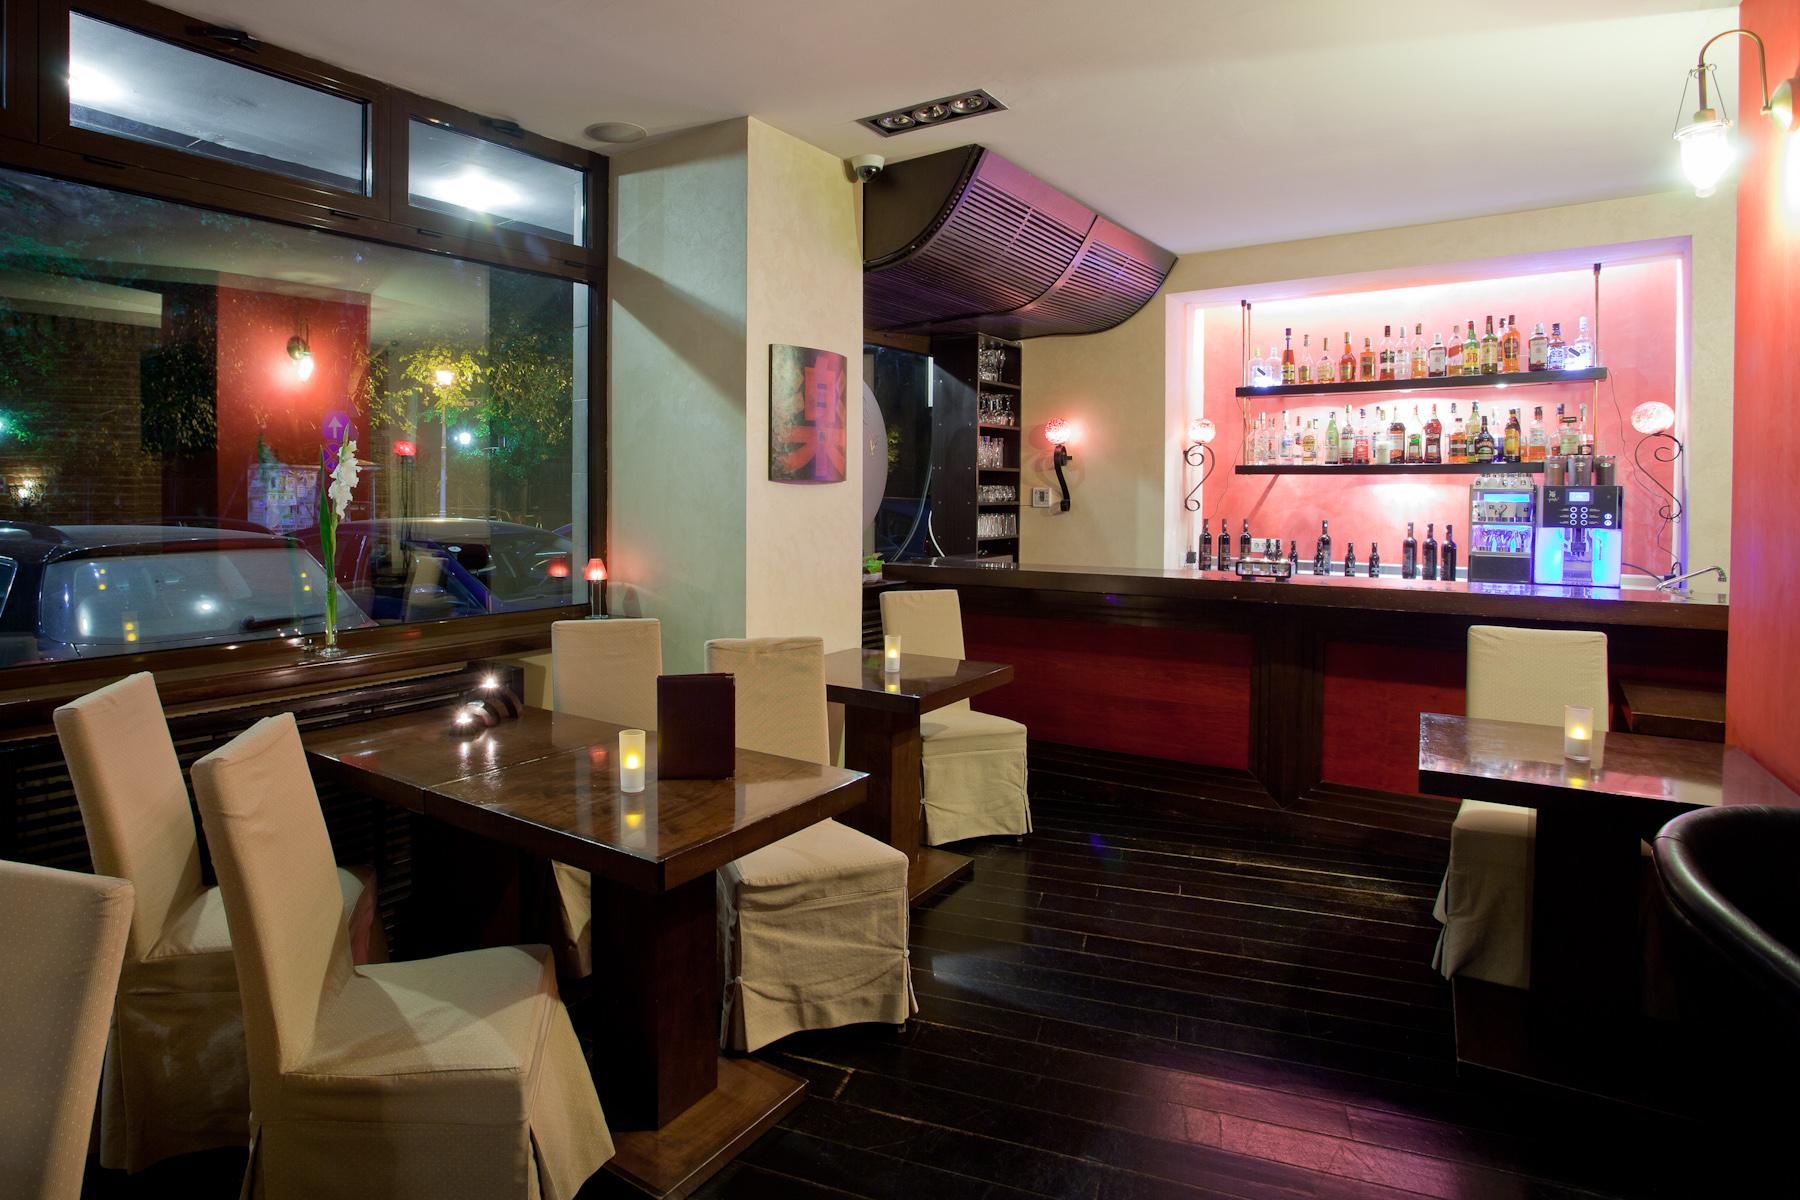 Hotel Moxa Restaurant & Bar